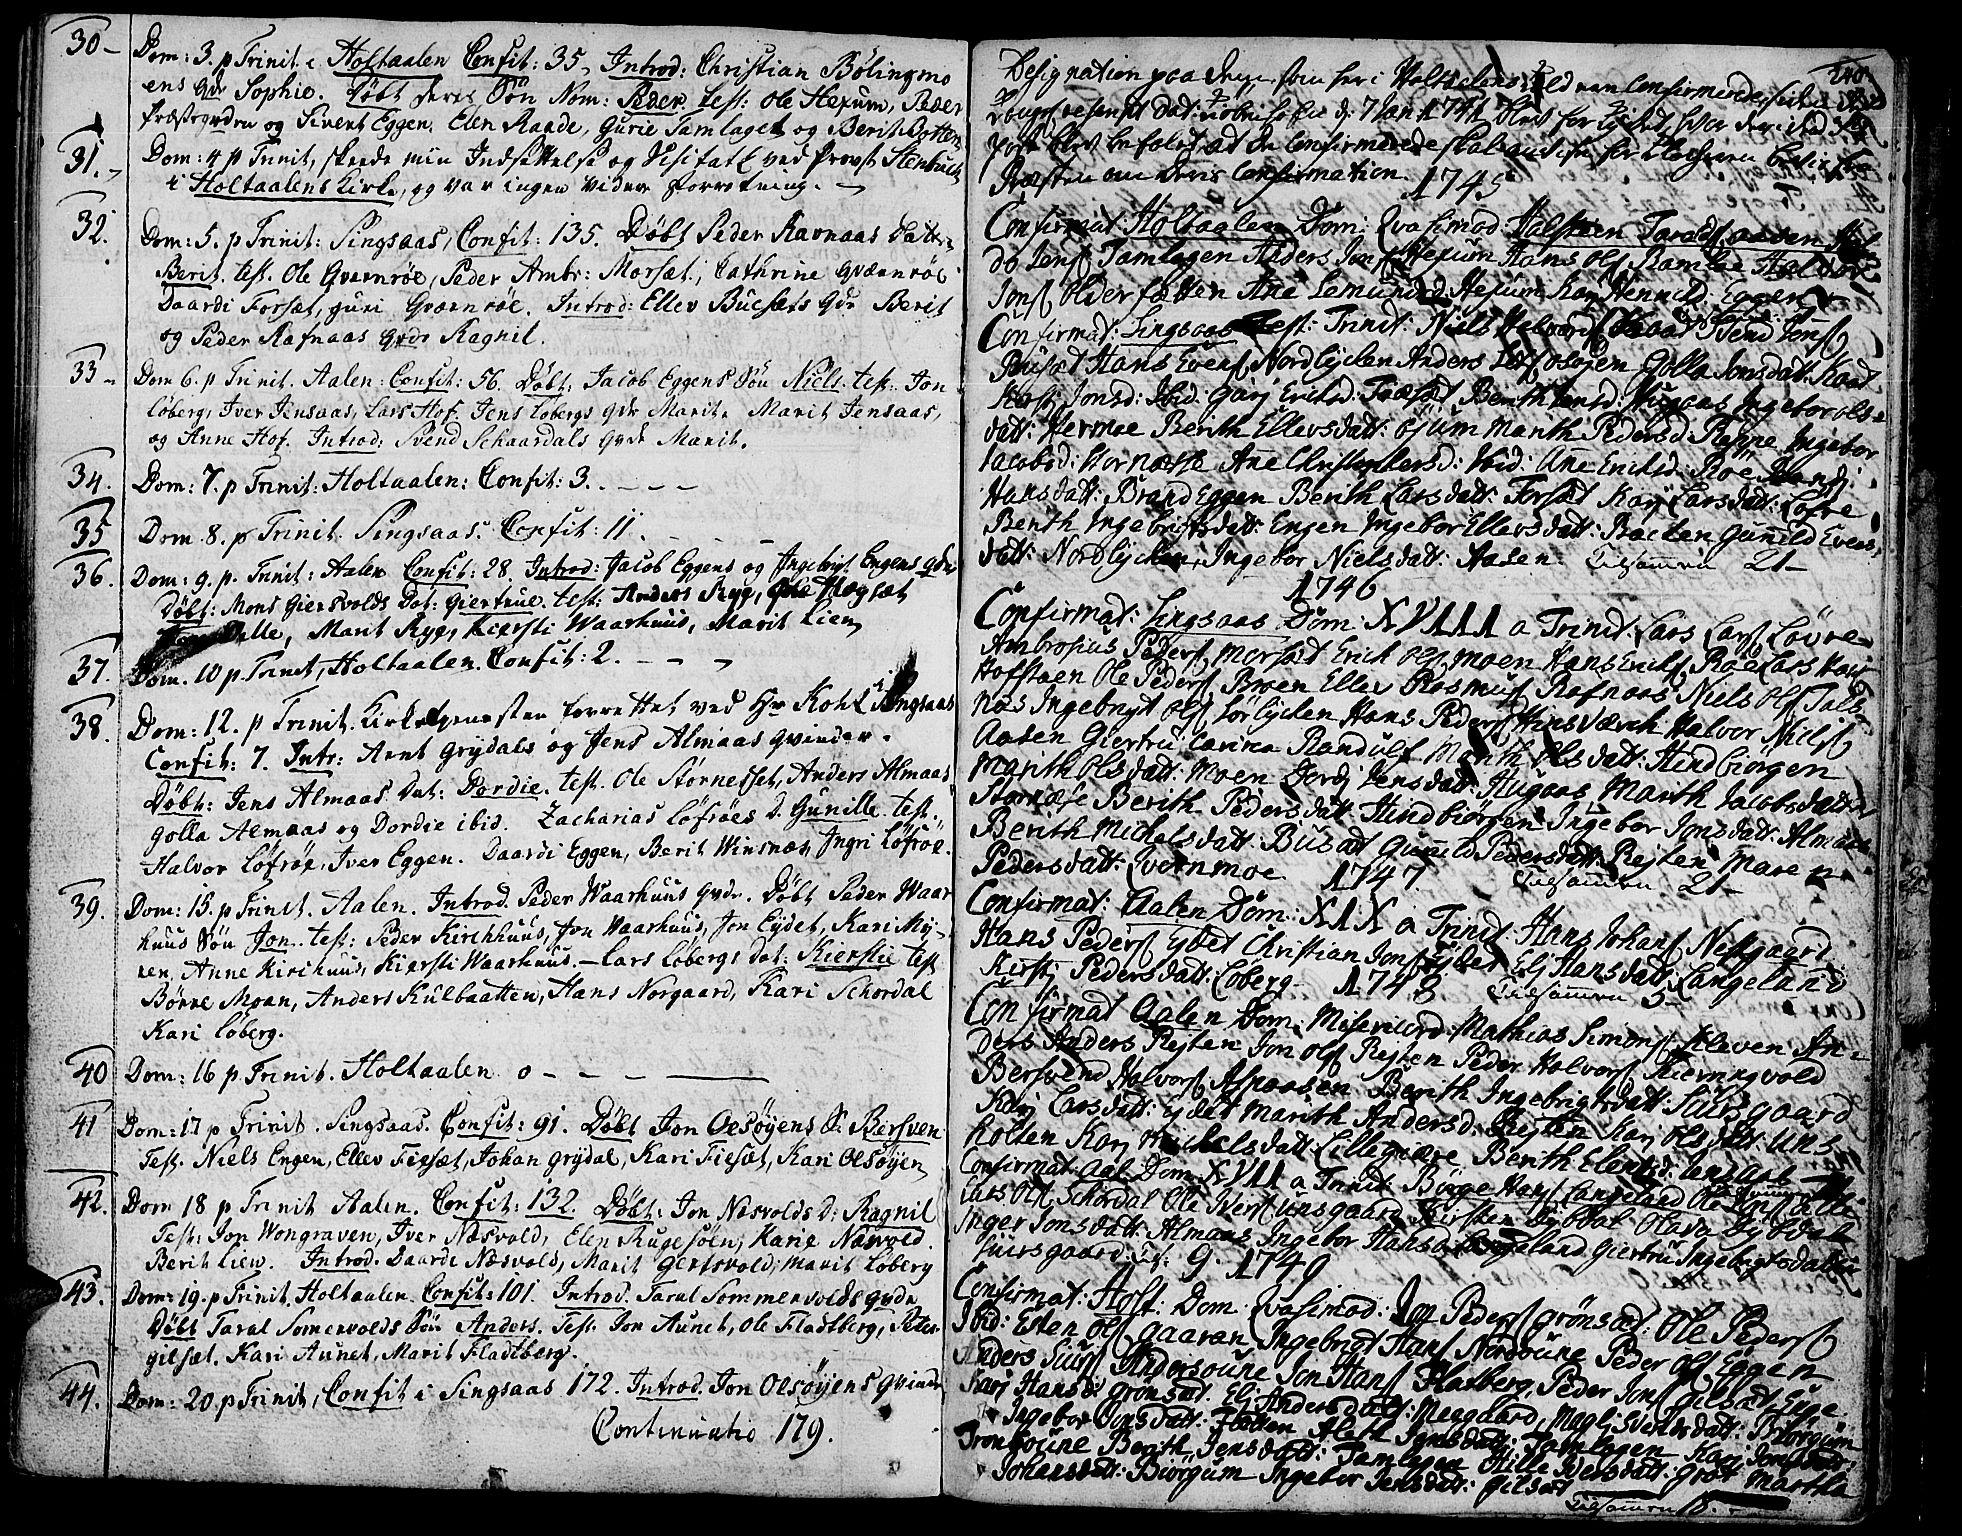 SAT, Ministerialprotokoller, klokkerbøker og fødselsregistre - Sør-Trøndelag, 685/L0952: Ministerialbok nr. 685A01, 1745-1804, s. 240